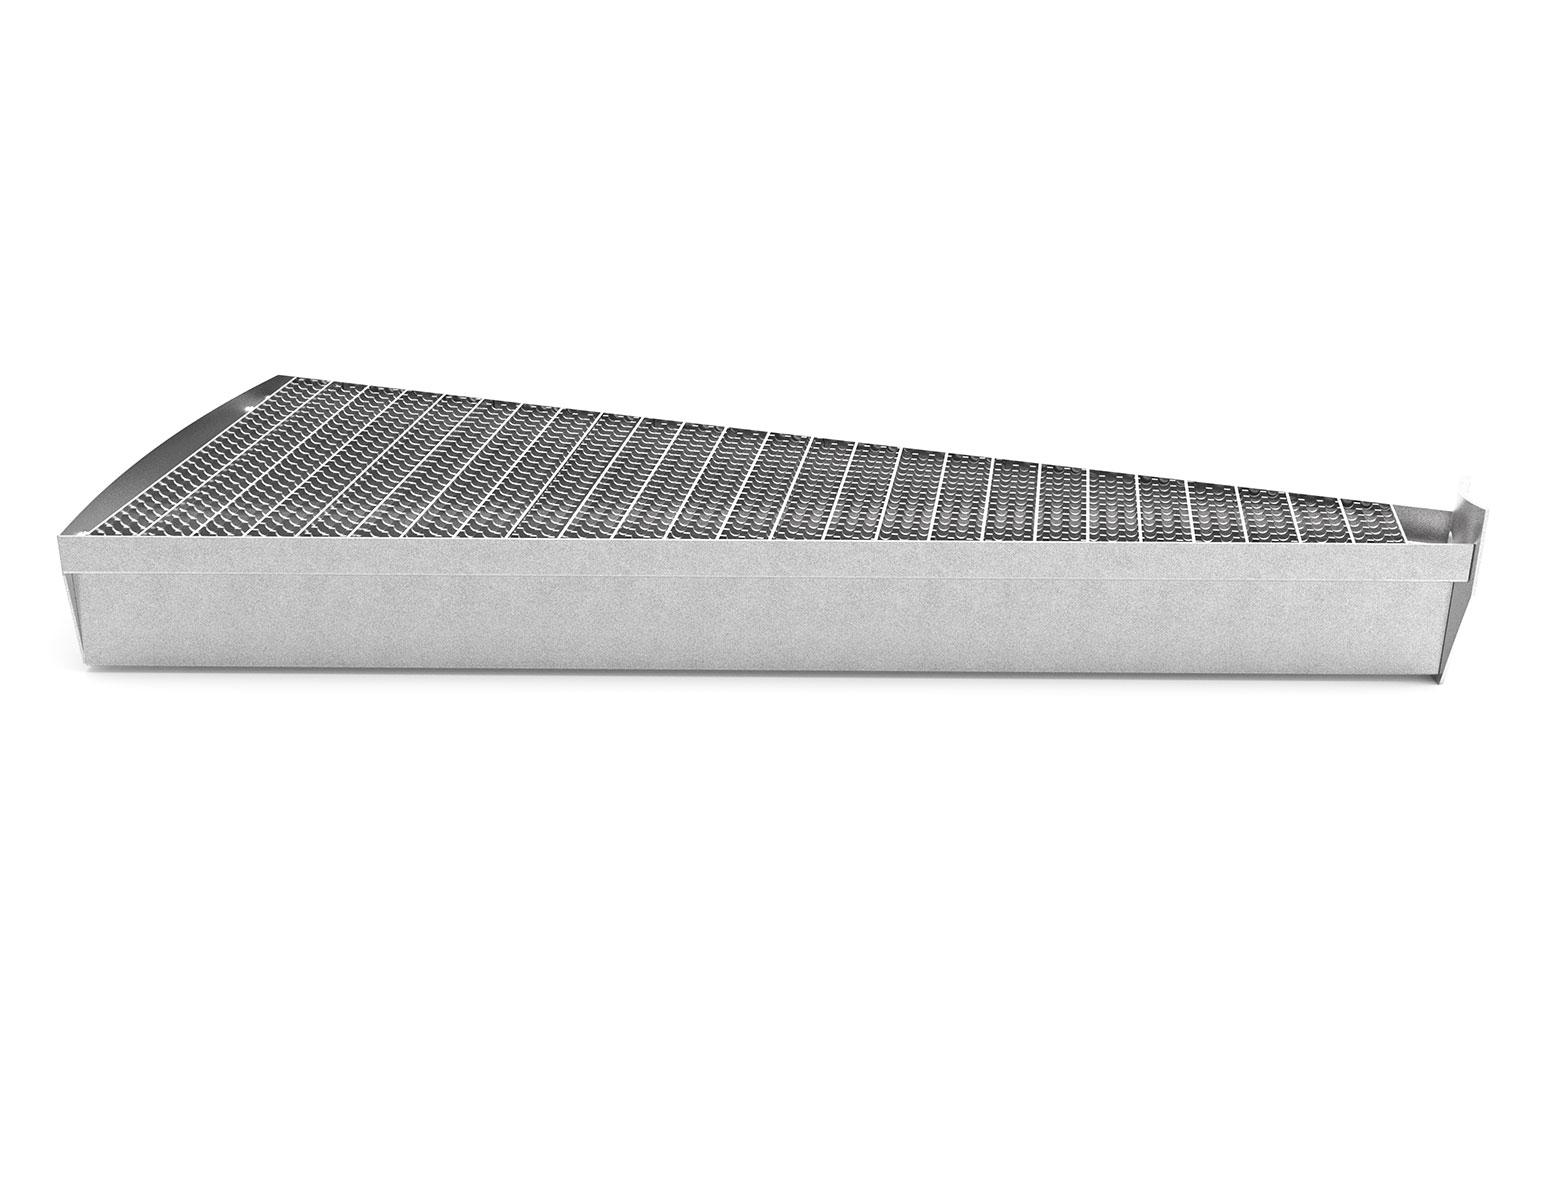 Pressdurk 33x11 enkel serraterad